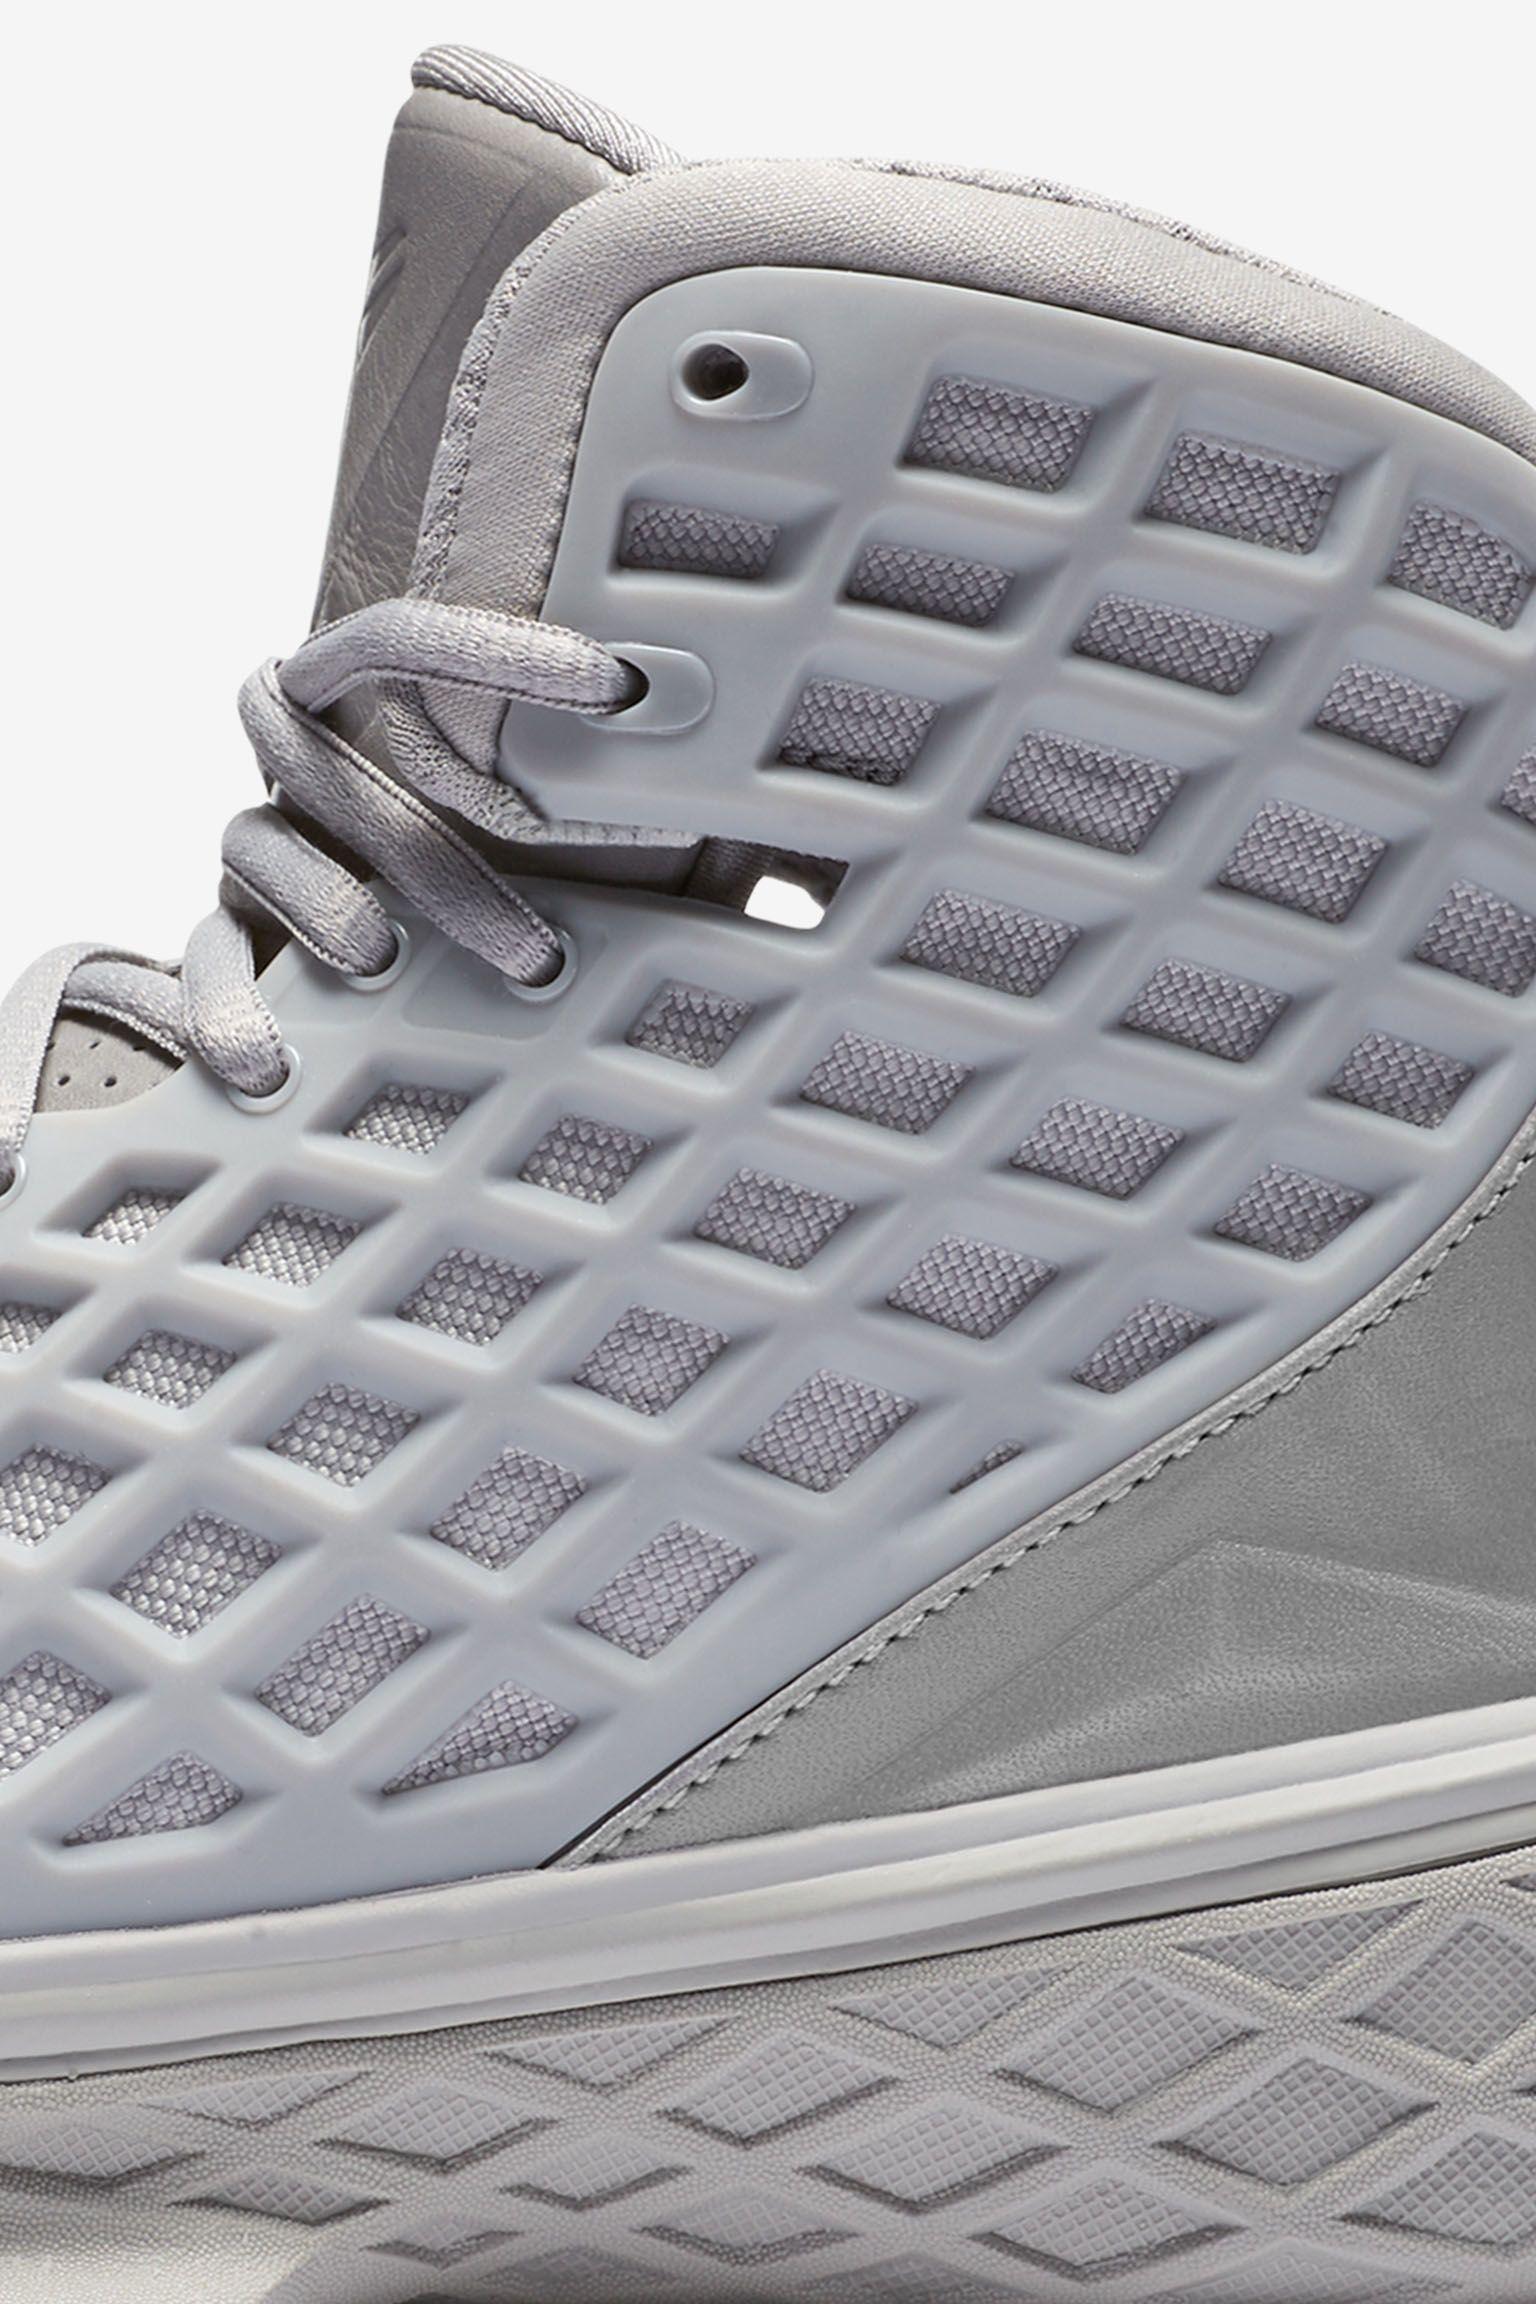 Nike Zoom Kobe 3 'FTB' Release Date